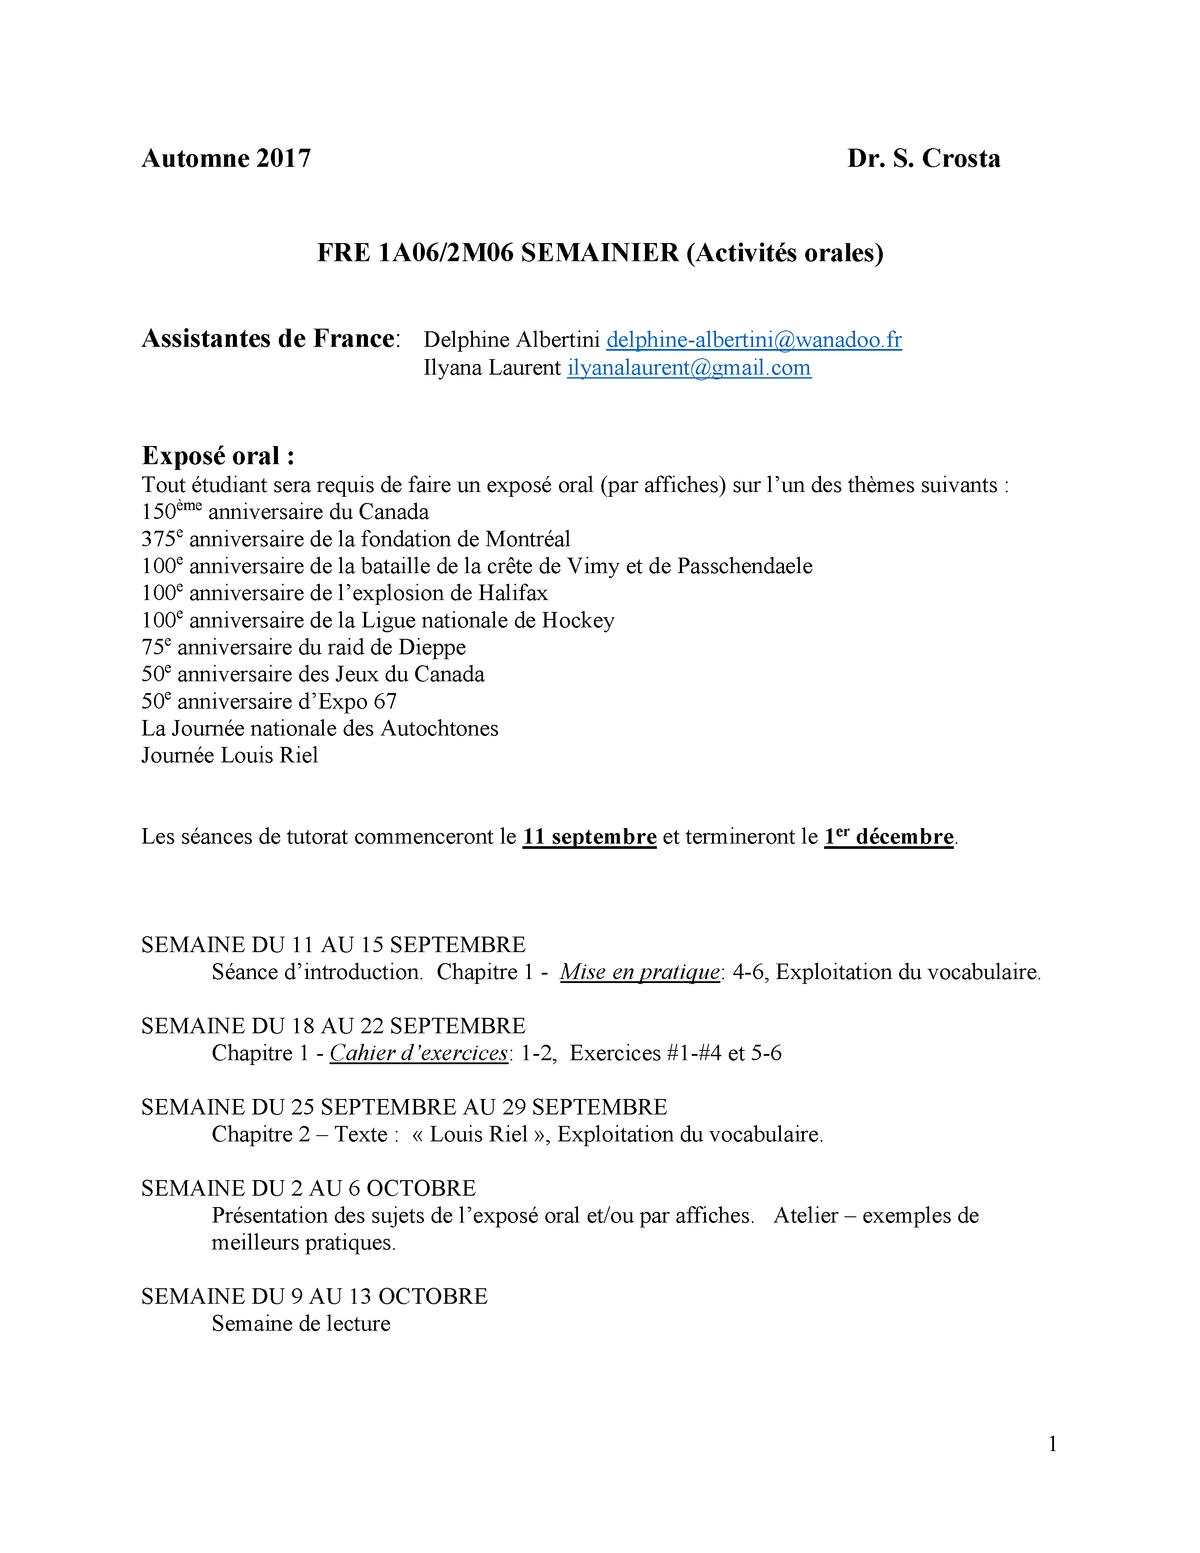 Exemple De Présentation D Un Exposé Oral - Exemple de Groupes